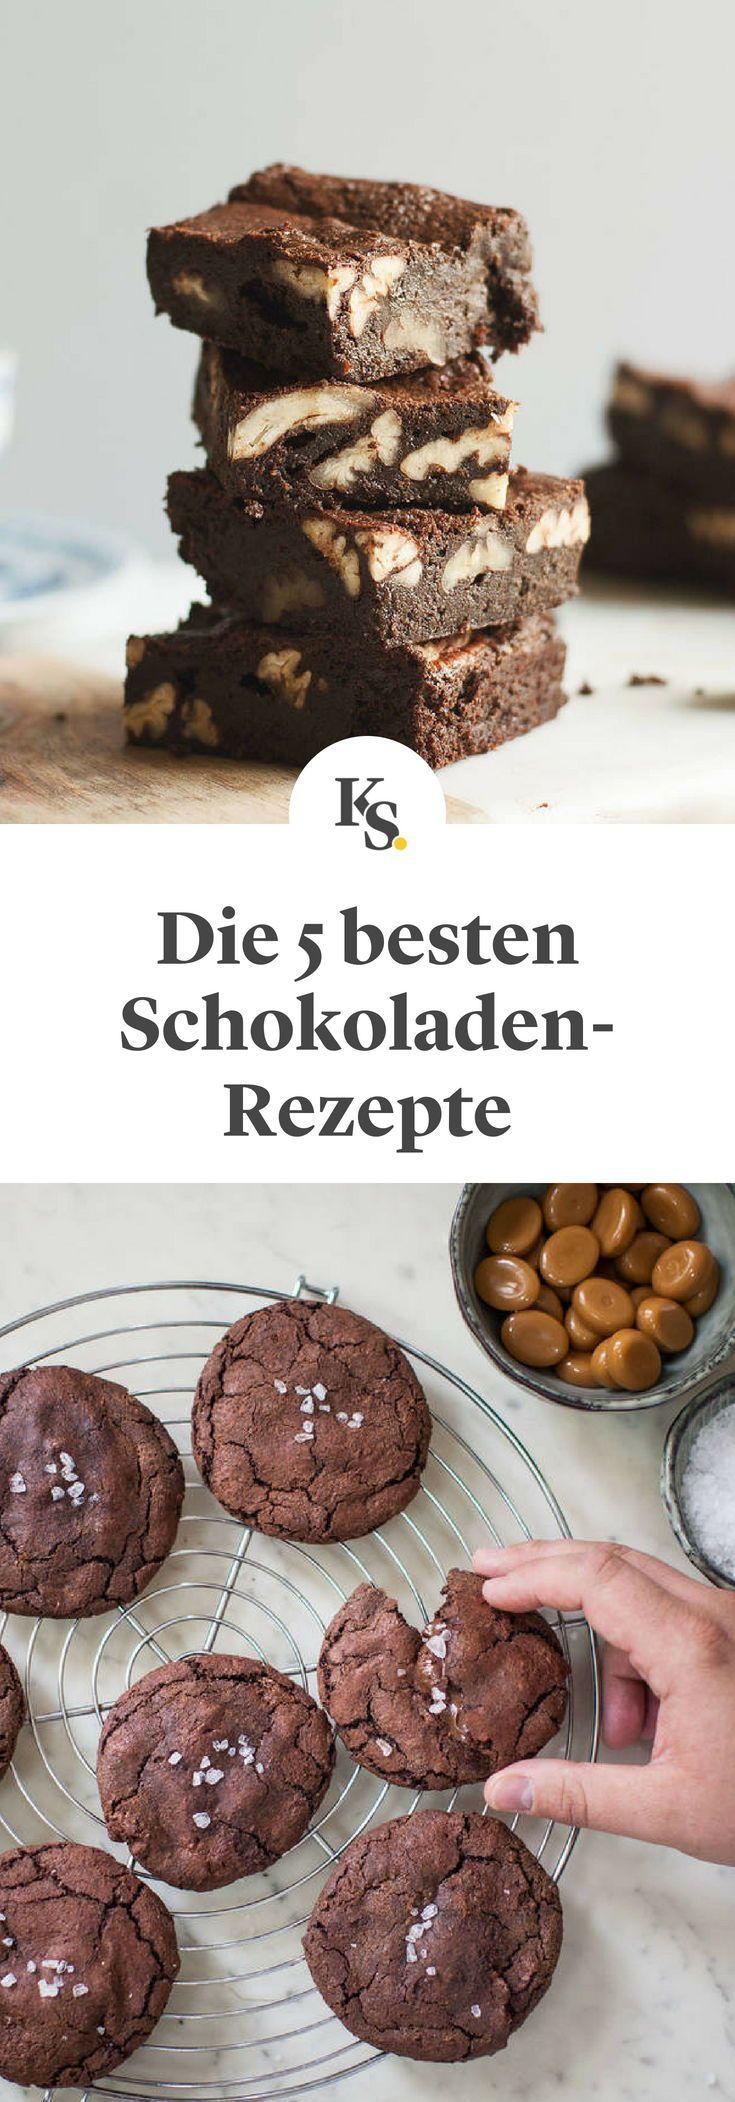 5 Rezepte für bekennende Schokoholiker | Stories | Kitchen Stories